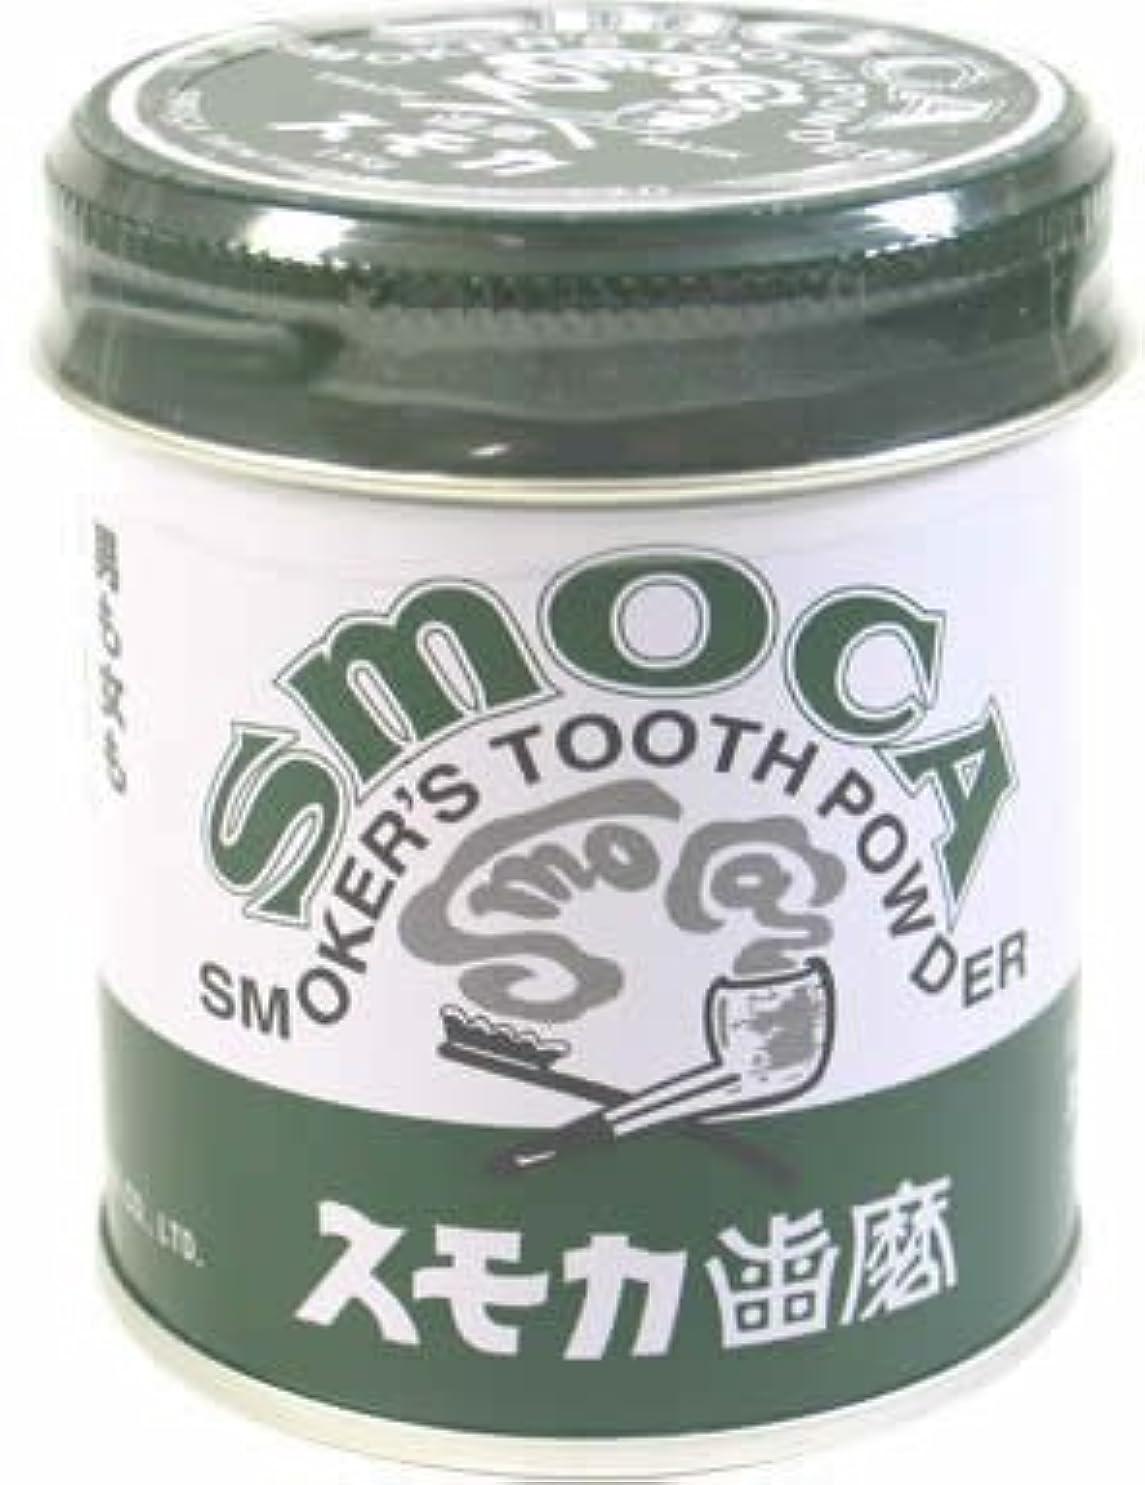 冬ポルティコ完璧なスモカ 歯磨 緑缶155g